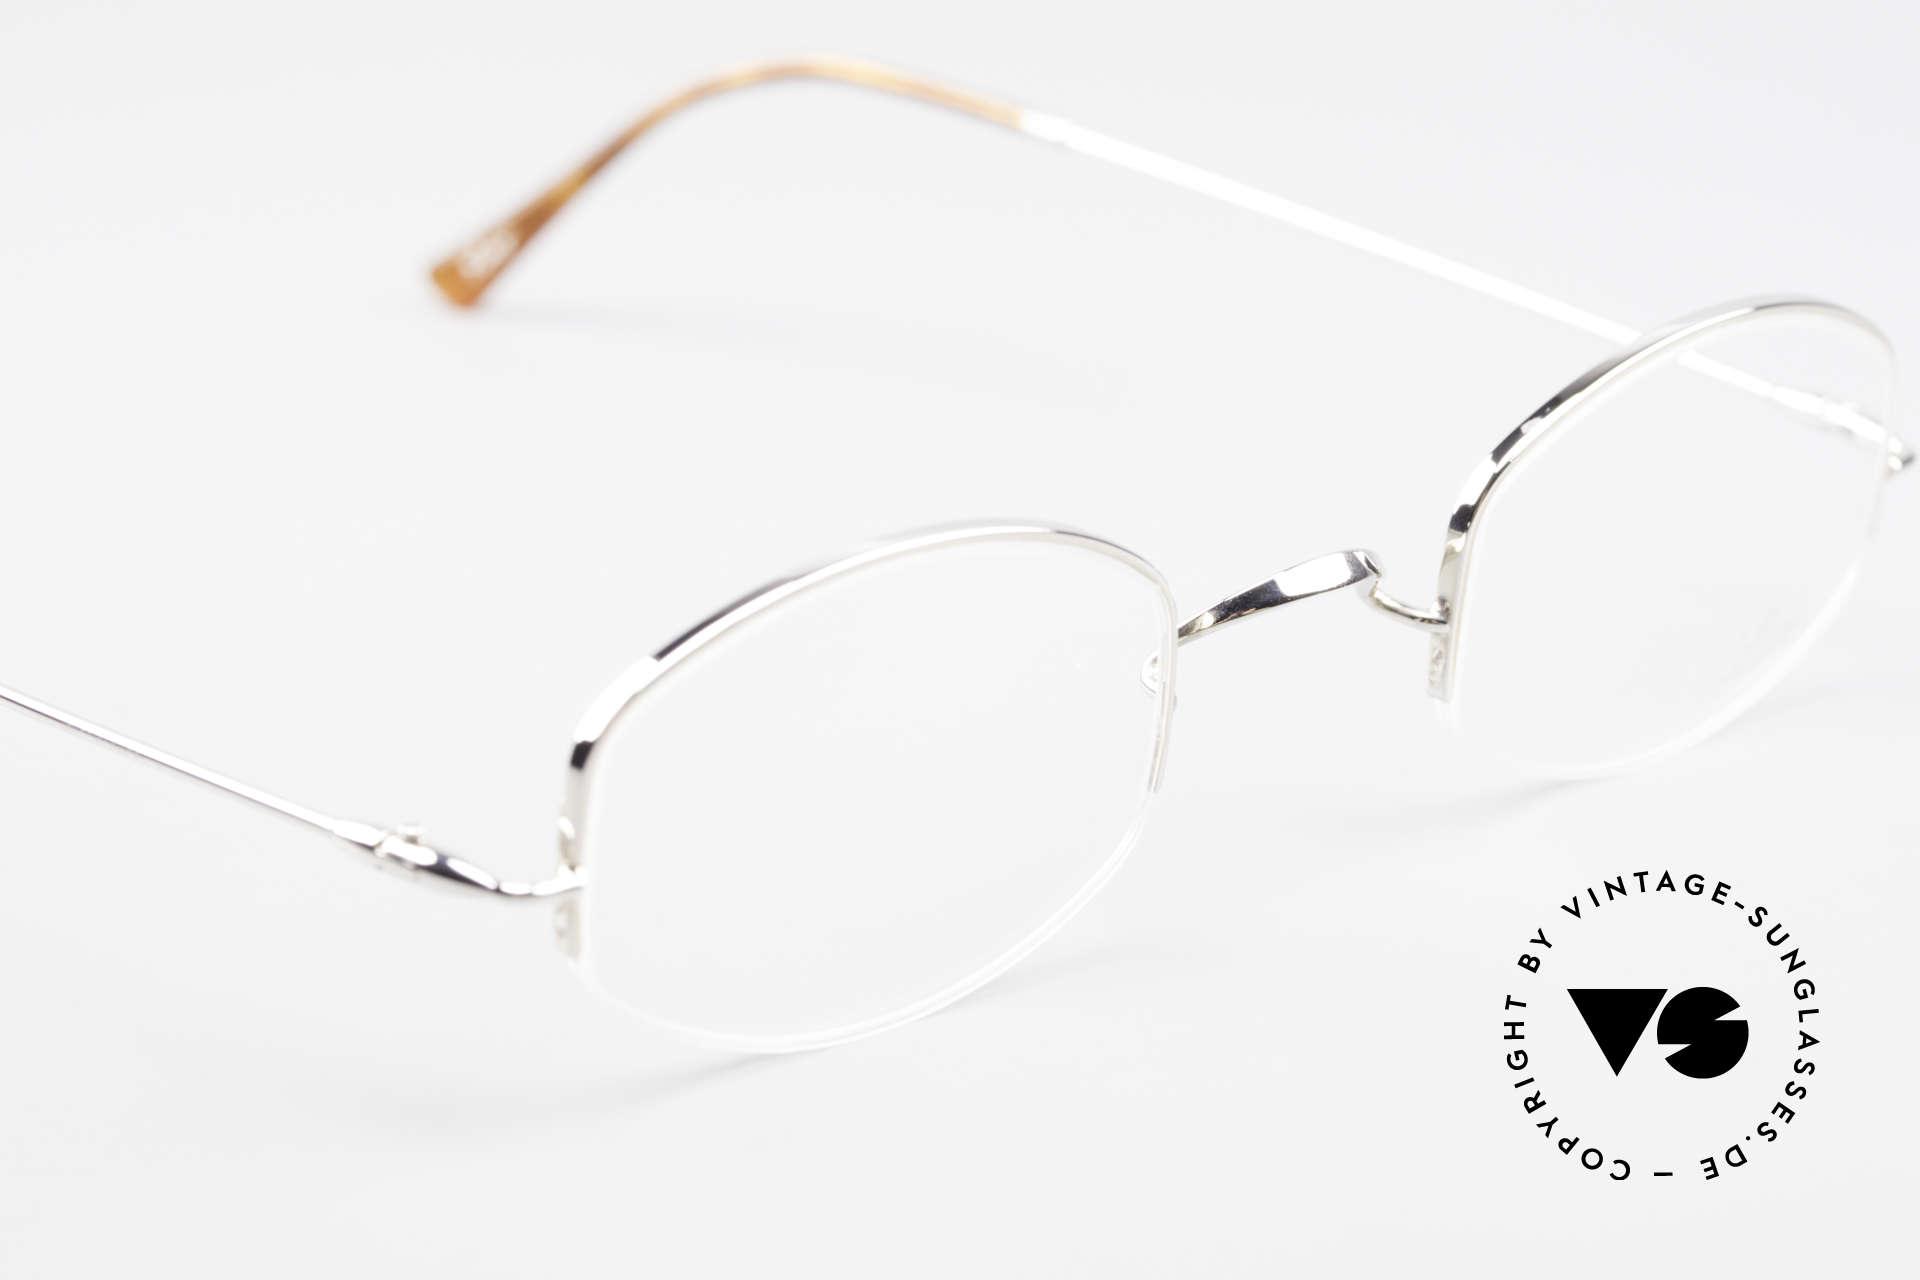 Lunor String Halb Randlose Vintage Brille, altes, ungetragenes LUNOR Einzelstück von ca. 1999, Passend für Herren und Damen